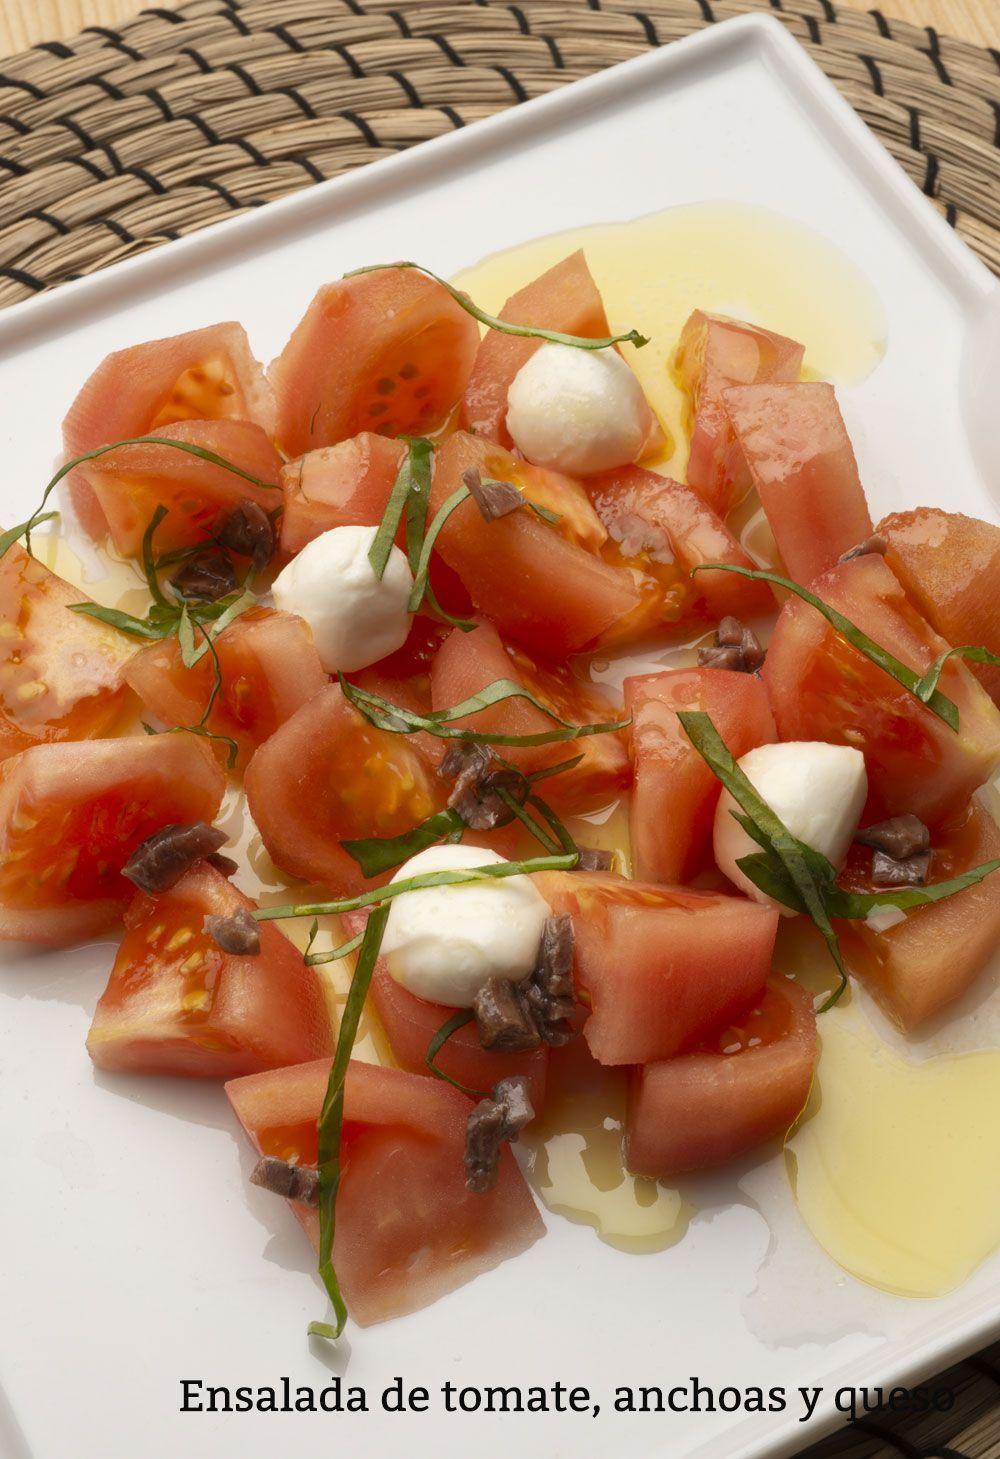 Receta De Ensalada De Tomate Anchoas Y Queso Karlos Arguiñano Ensalada De Tomate Y Aguacate Ensalada De Tomate Ensaladas Recetas